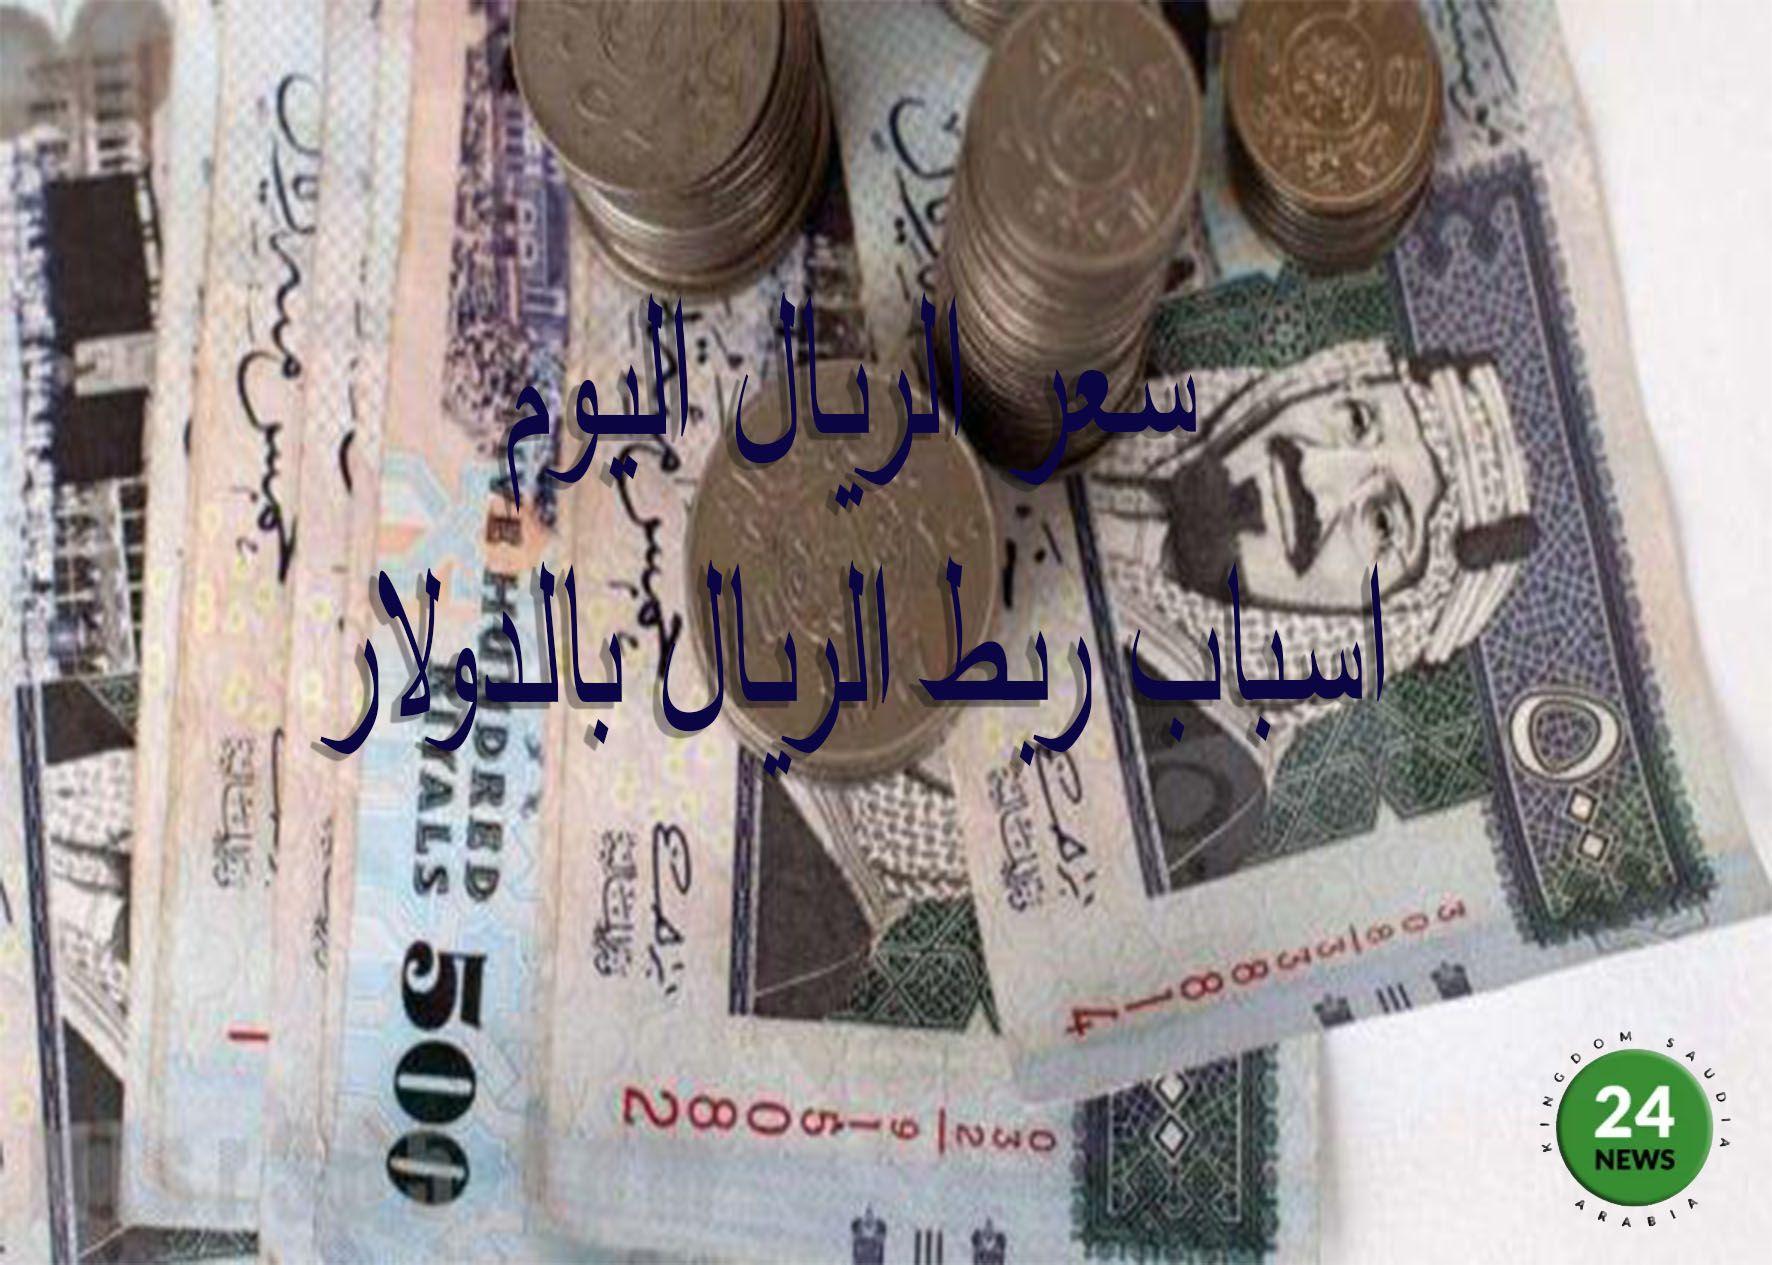 سعر الريال اليوم اسباب ربط الريال بالدولار Trading